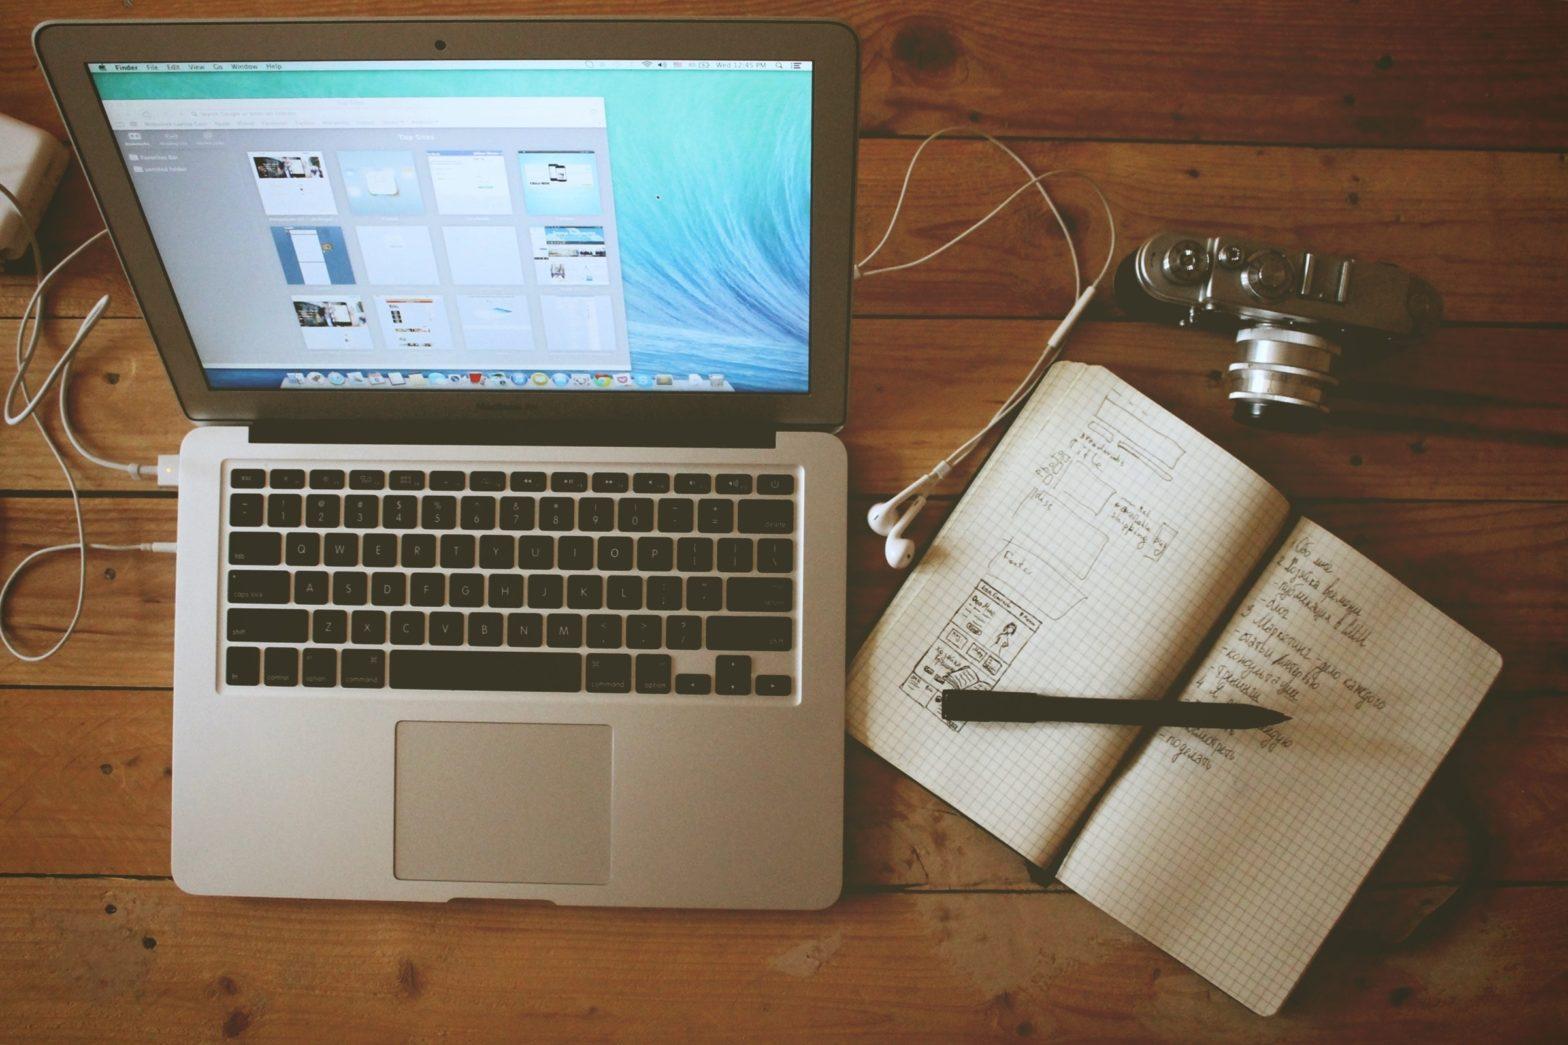 ordinteur écouteur appareil photo cahier ouvert et stylo posé sur un bureau